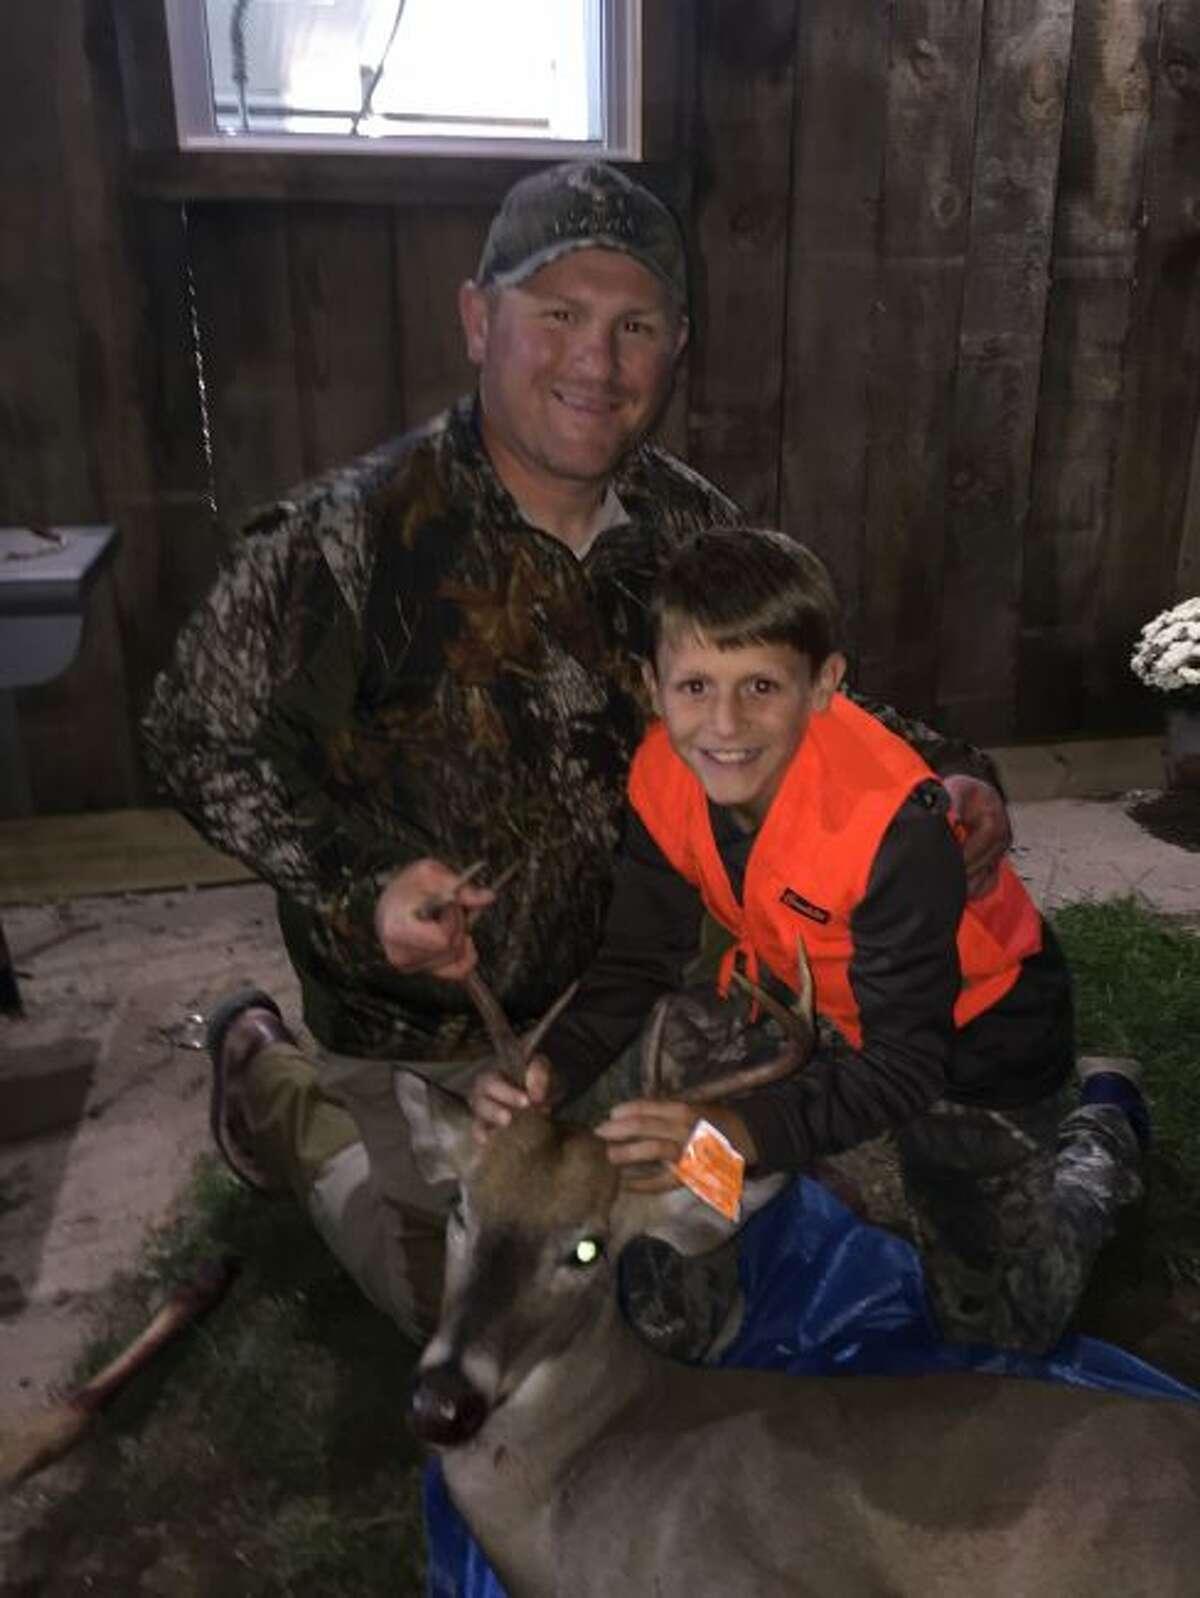 Par Craven (left) and his son show the 8-point buck.